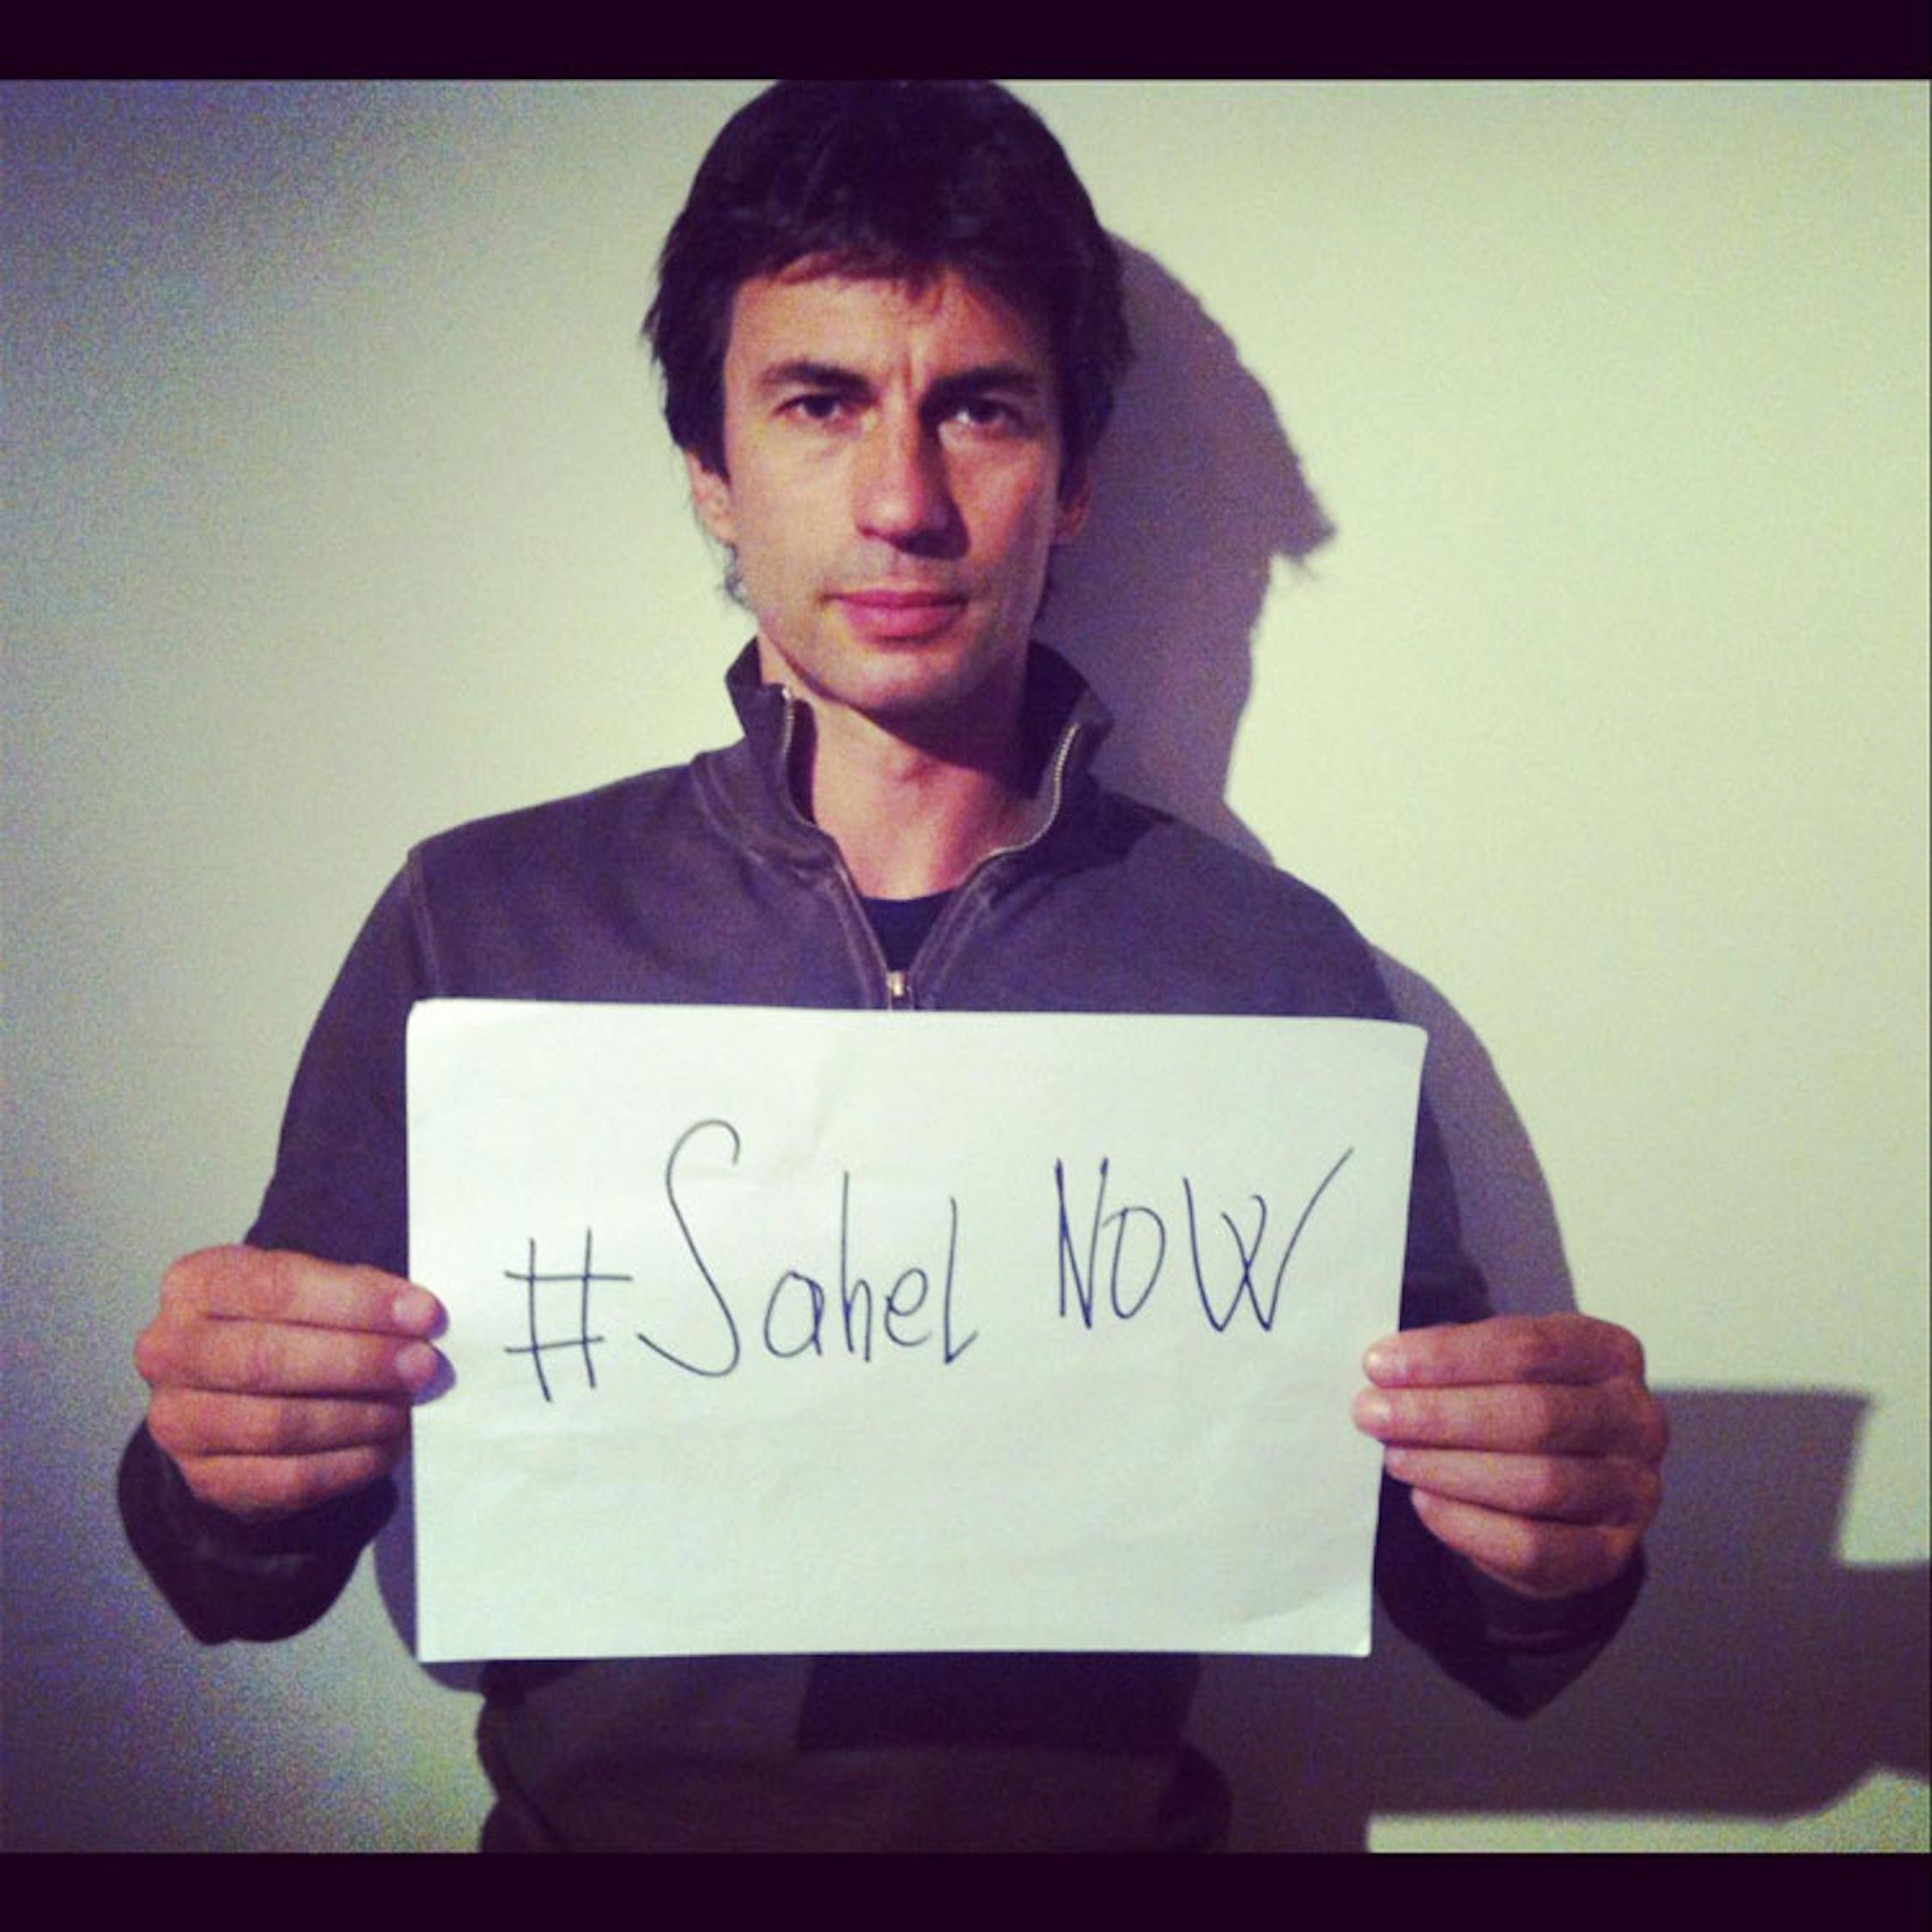 Kledi Kadiu con #SahelNOW, lo hashtag con cui l'UNICEF promuove su Twitter la campagna di solidarietà per i bambini del Sahel - ©UNICEF Italia/2012/A.Longobardi